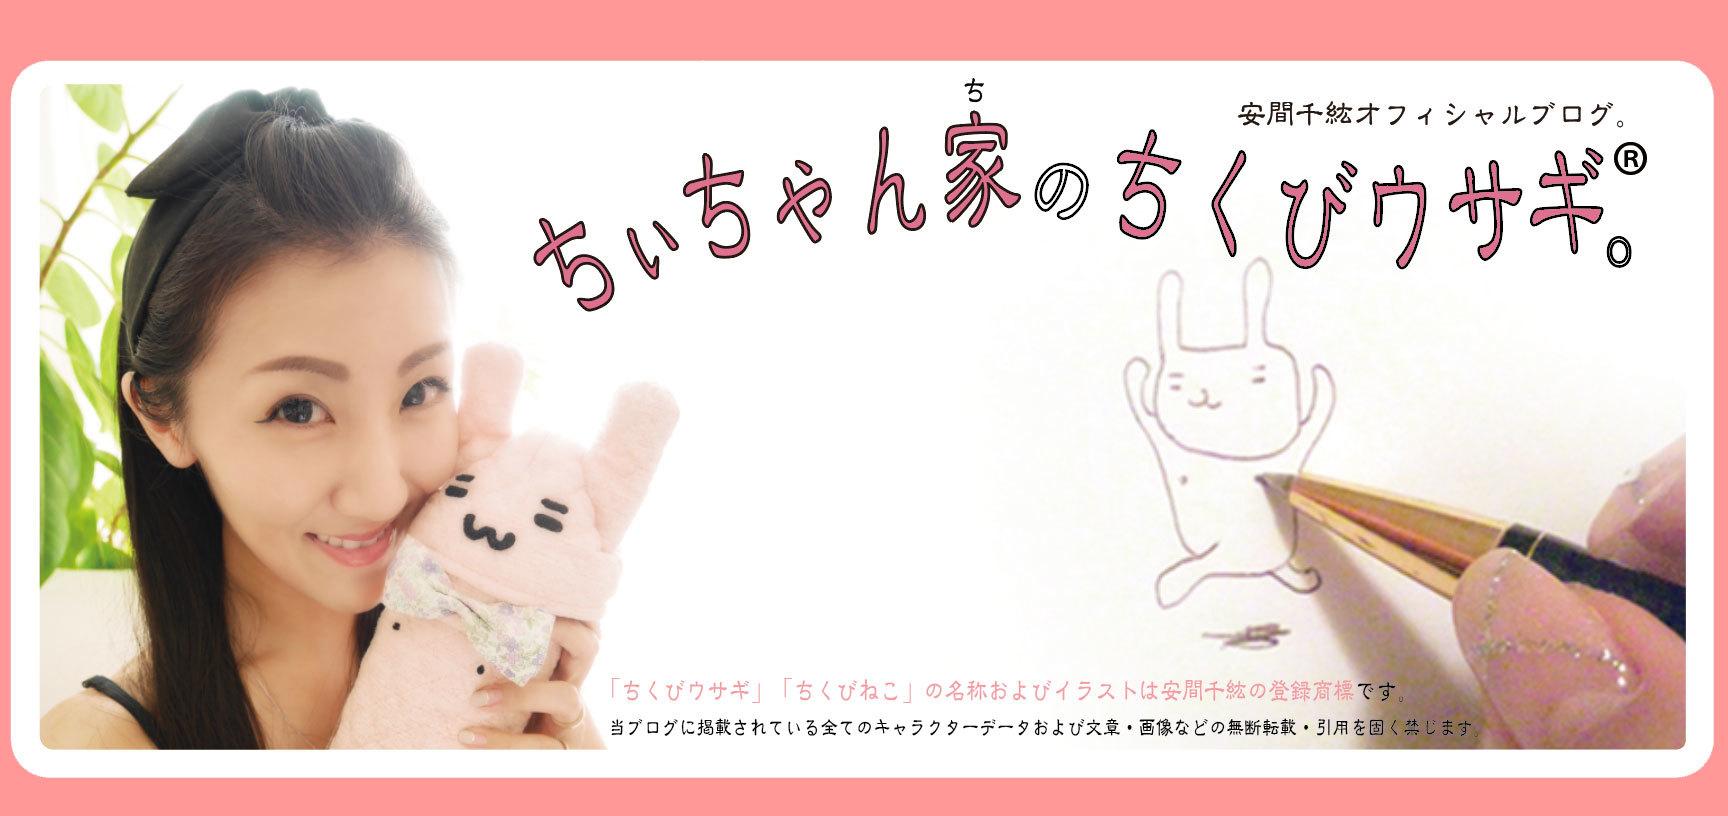 安間千紘のオフィシャルブログッEX